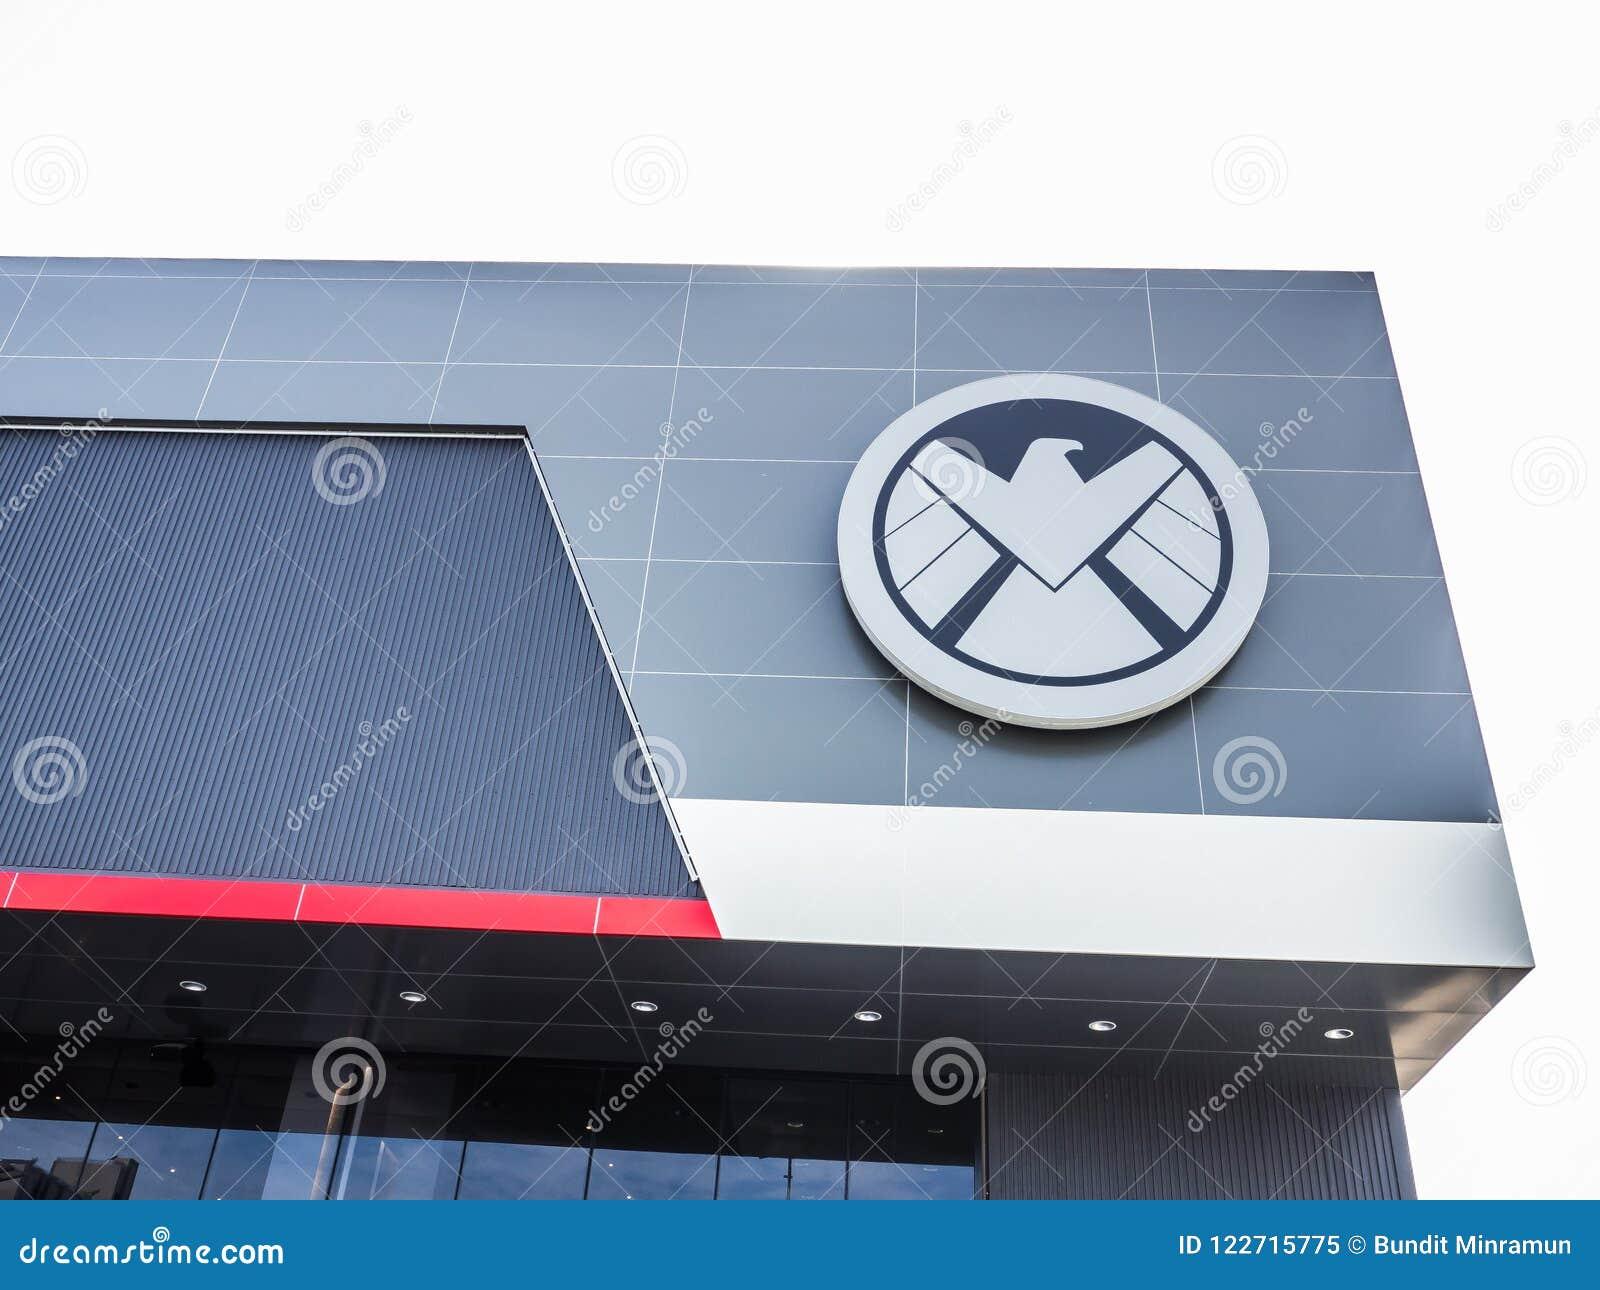 Le logo de S H I E L d est un espionnage fictif, chargé de faire respecter la loi spécial, apparaissant dans les bandes dessinées